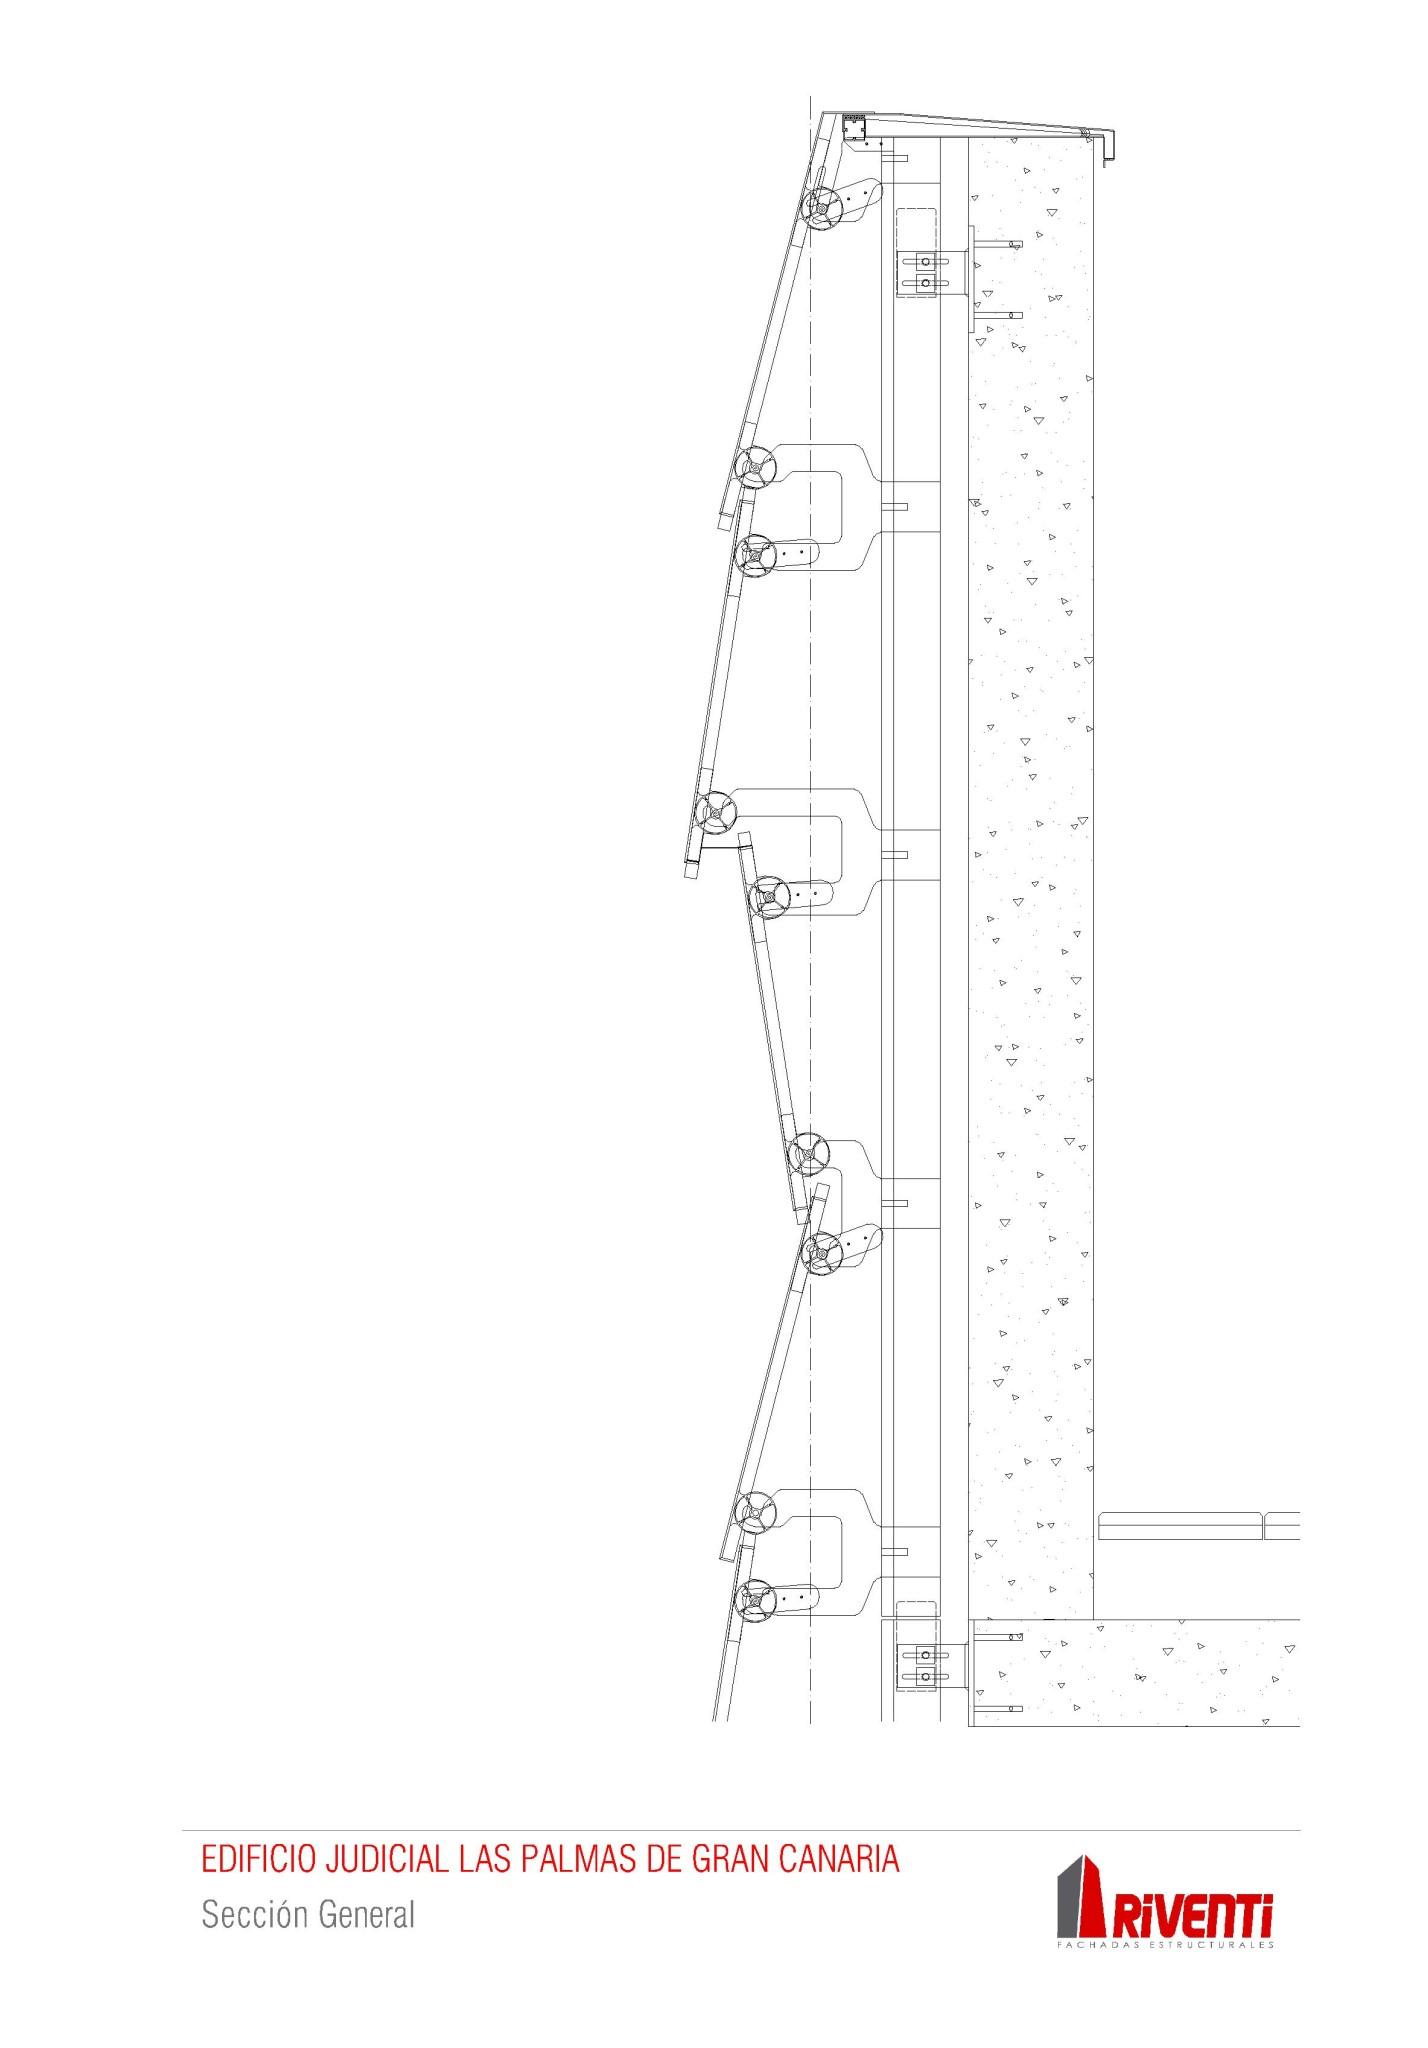 R-100_EDIFICIO JUDICIAL LAS PALMAS-Sección_WEB_1_1-20 (3)